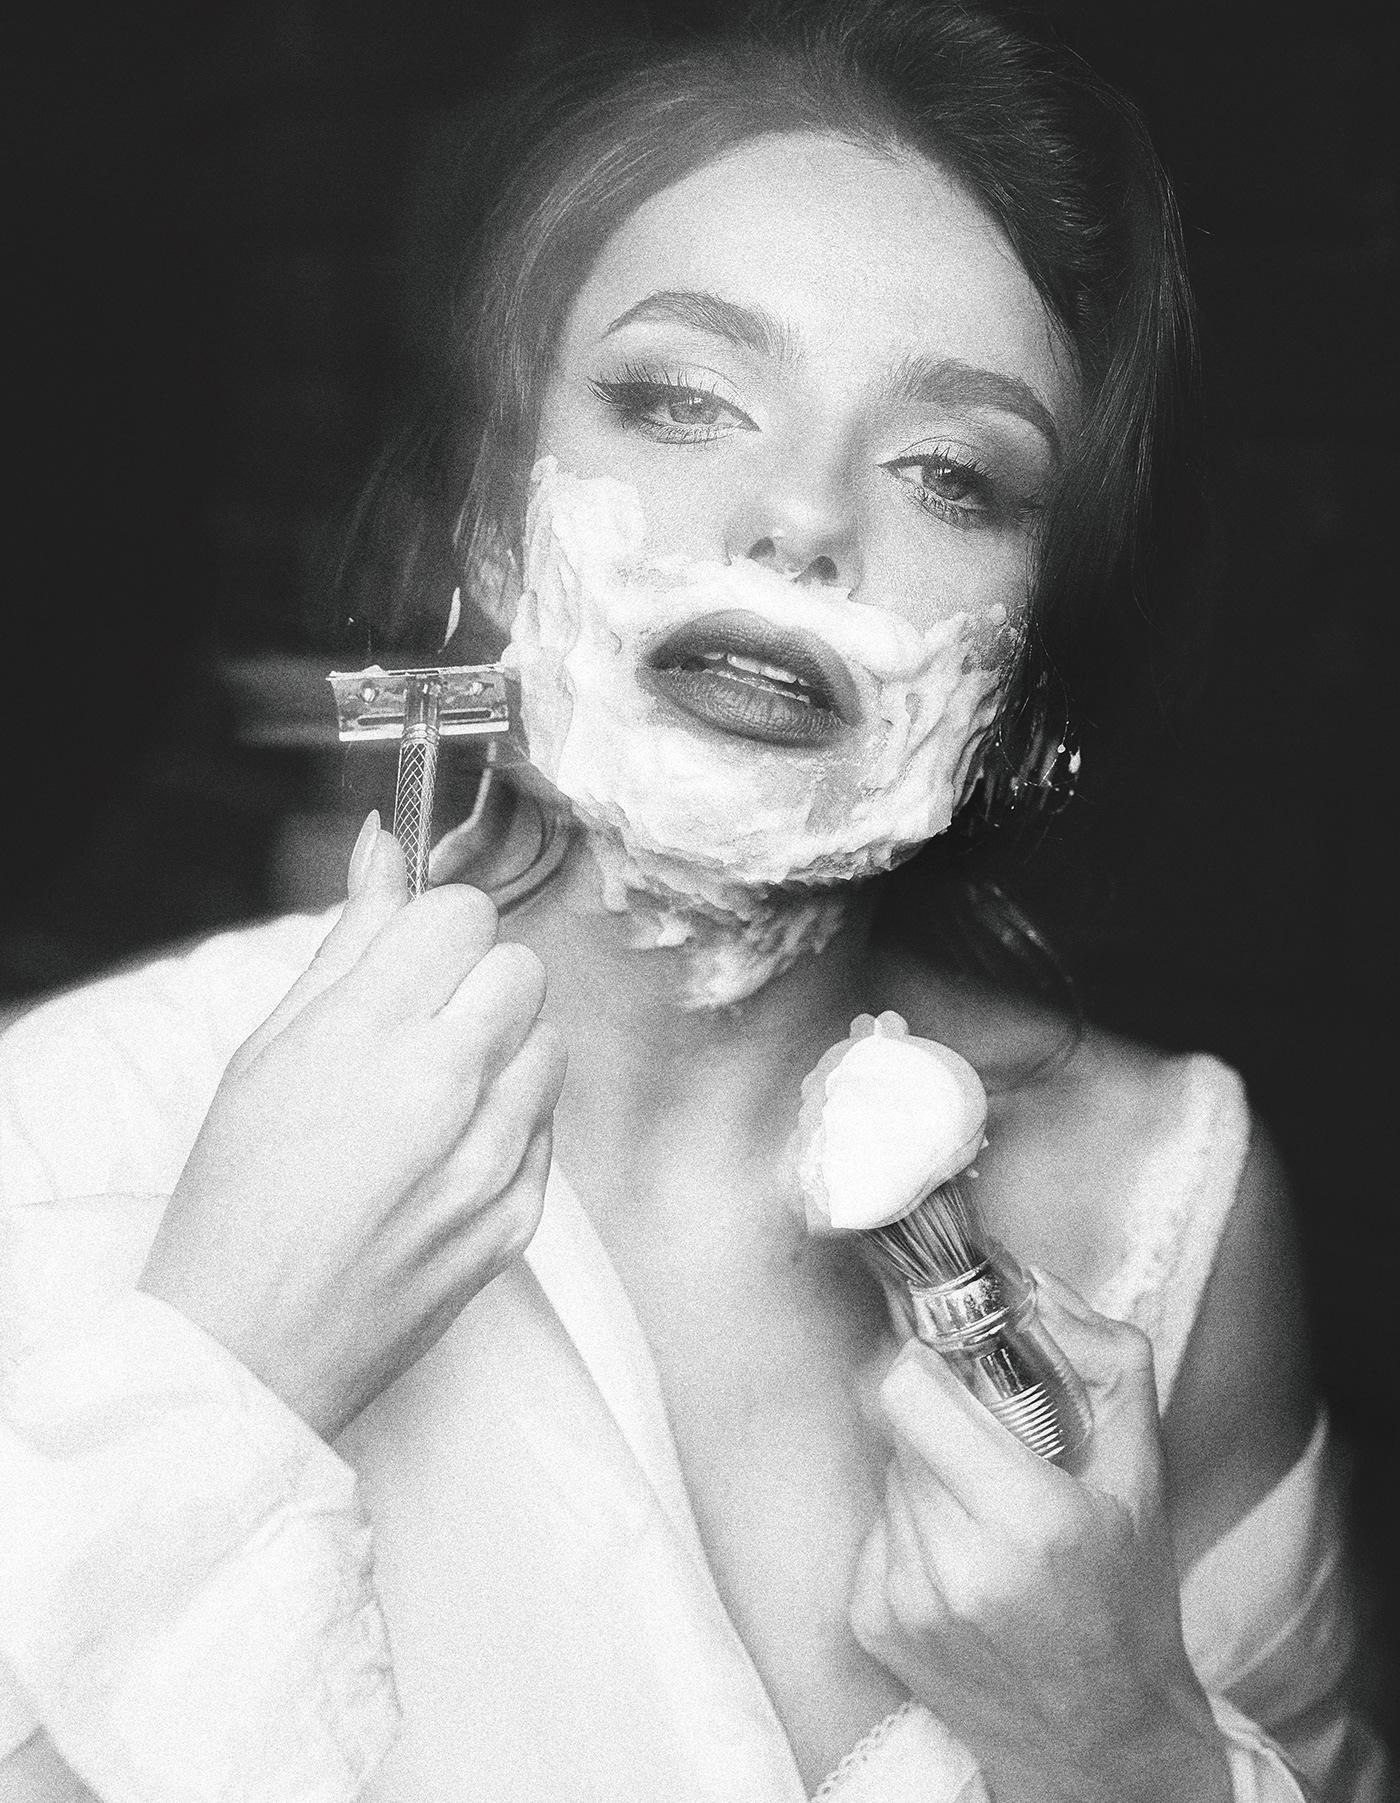 женщина_бреется